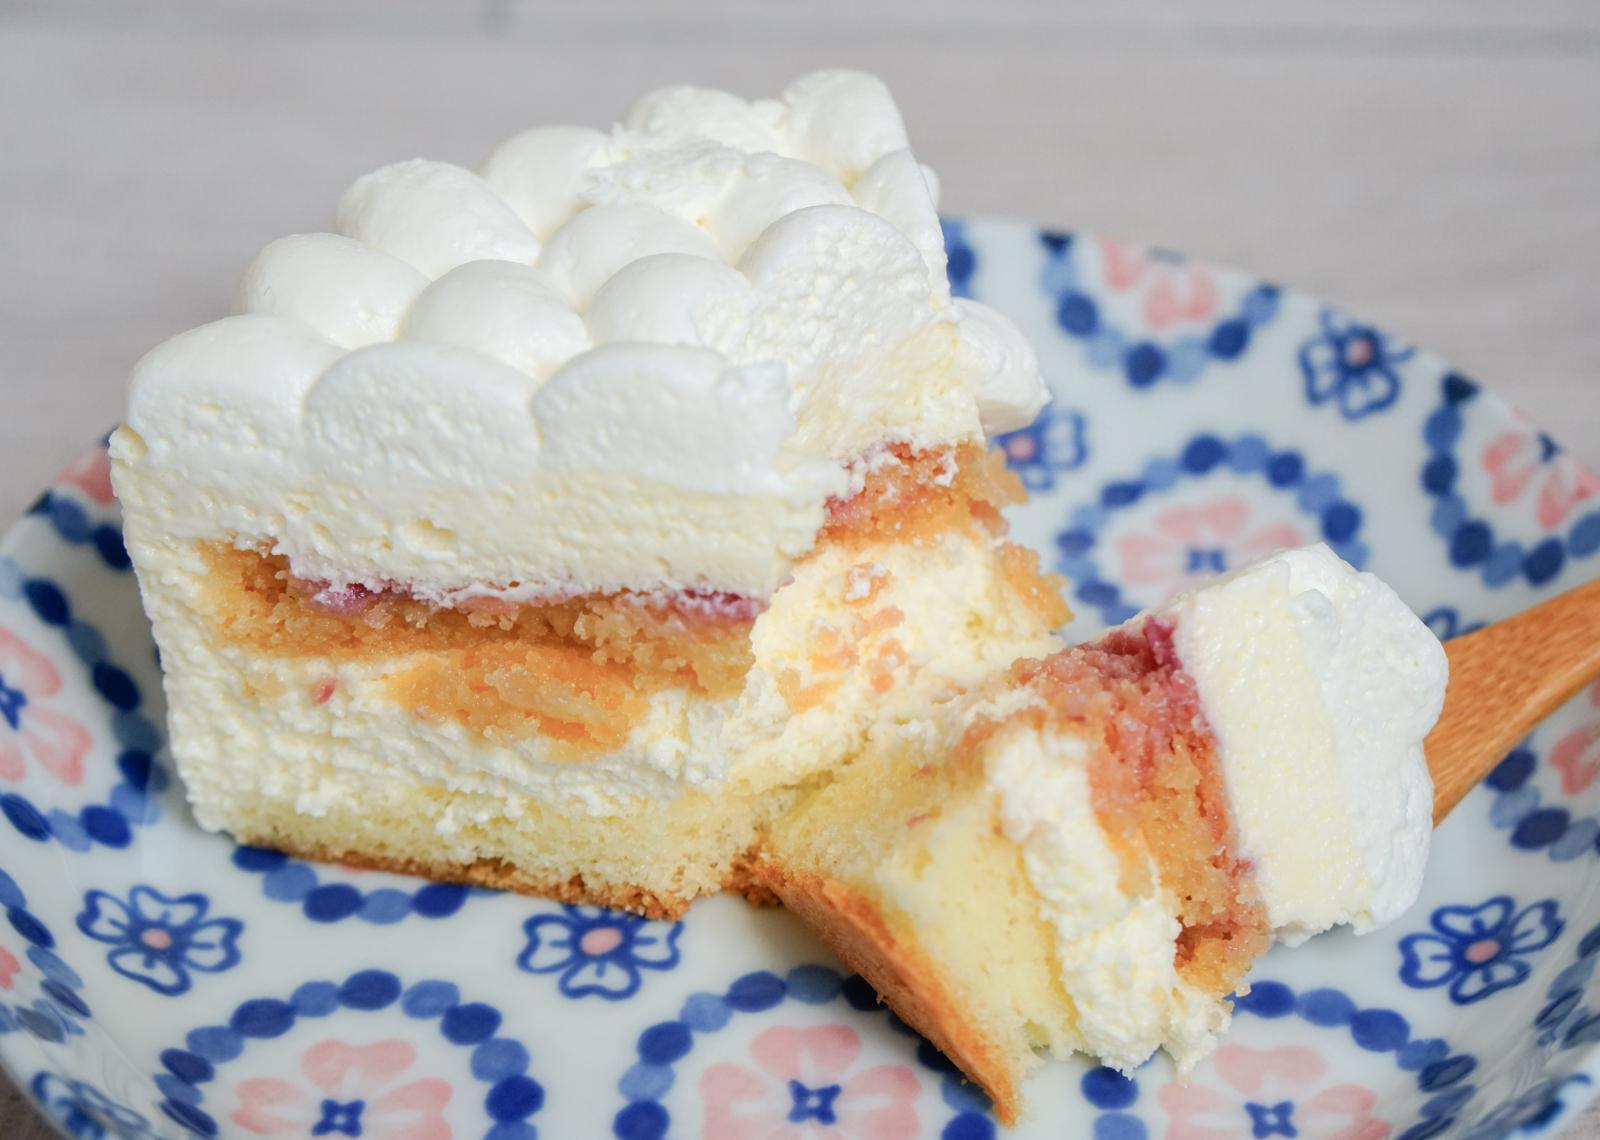 [高雄]哈朗甜點Harang Pâtisserie-超夢幻玫瑰乳酪! 限量秒殺手工蛋糕 辦公室下午茶 高雄甜點推薦 @美食好芃友